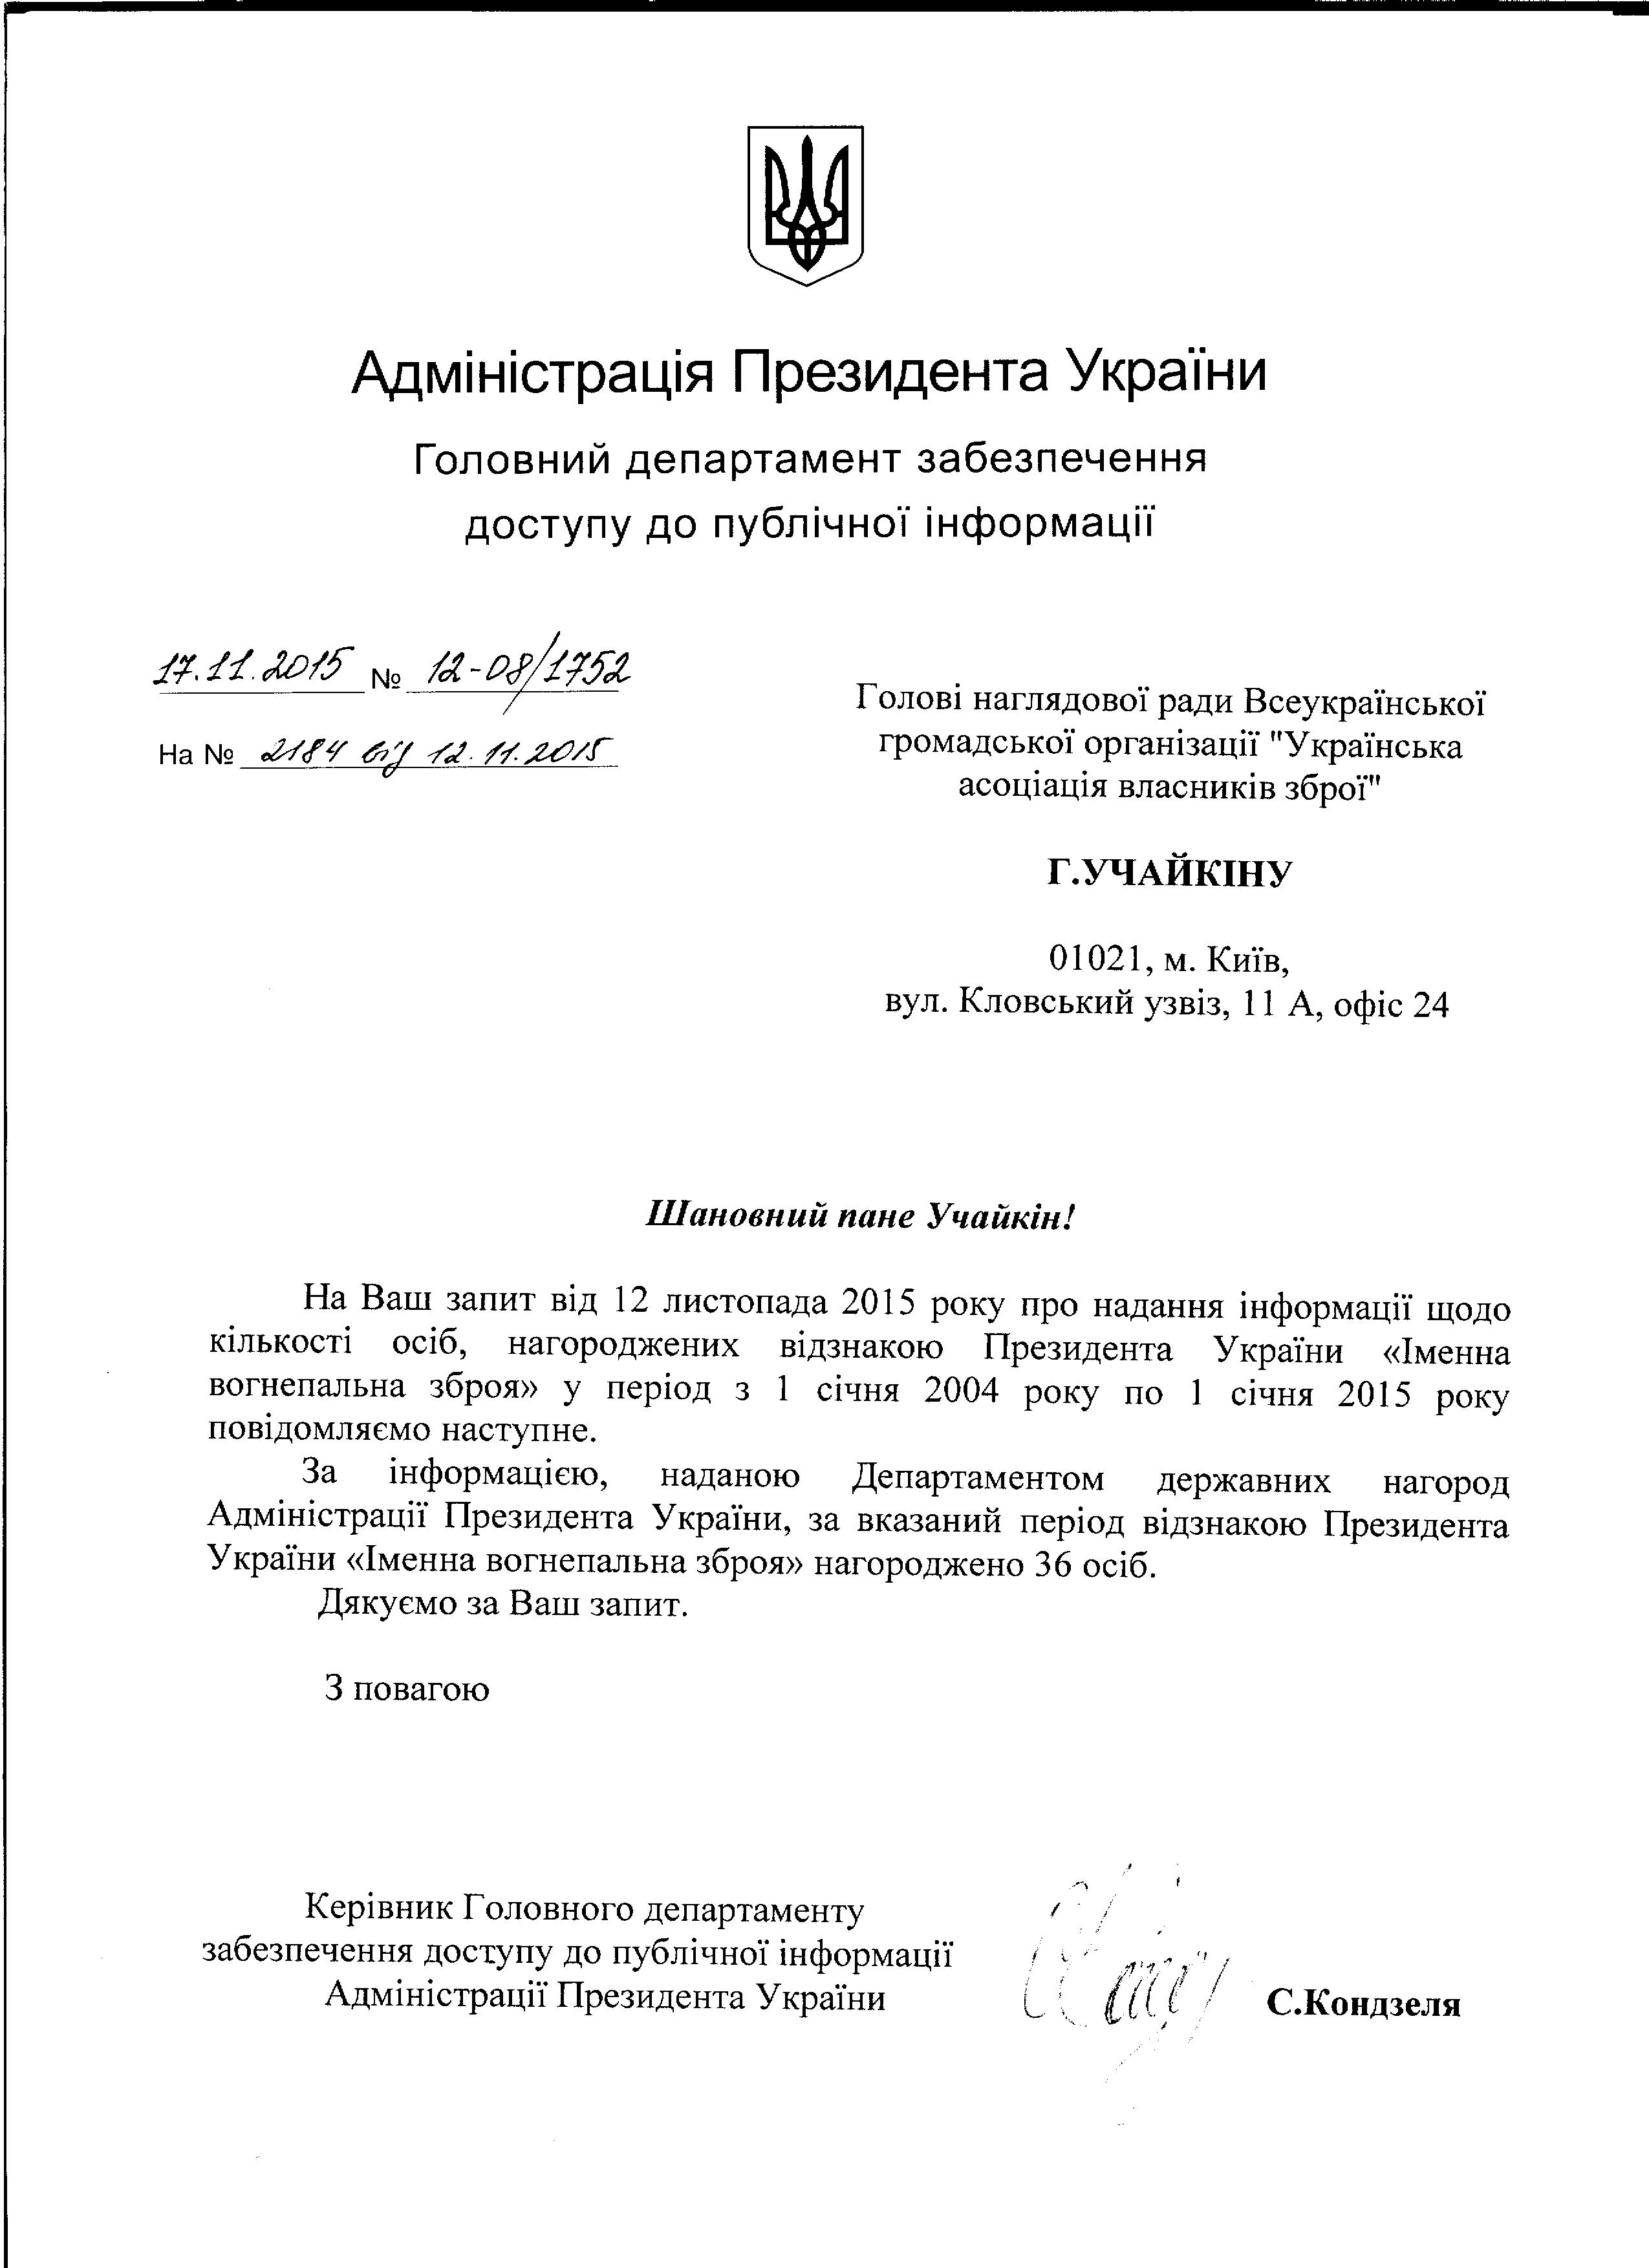 Президенти України видали всього 36 пістолетів